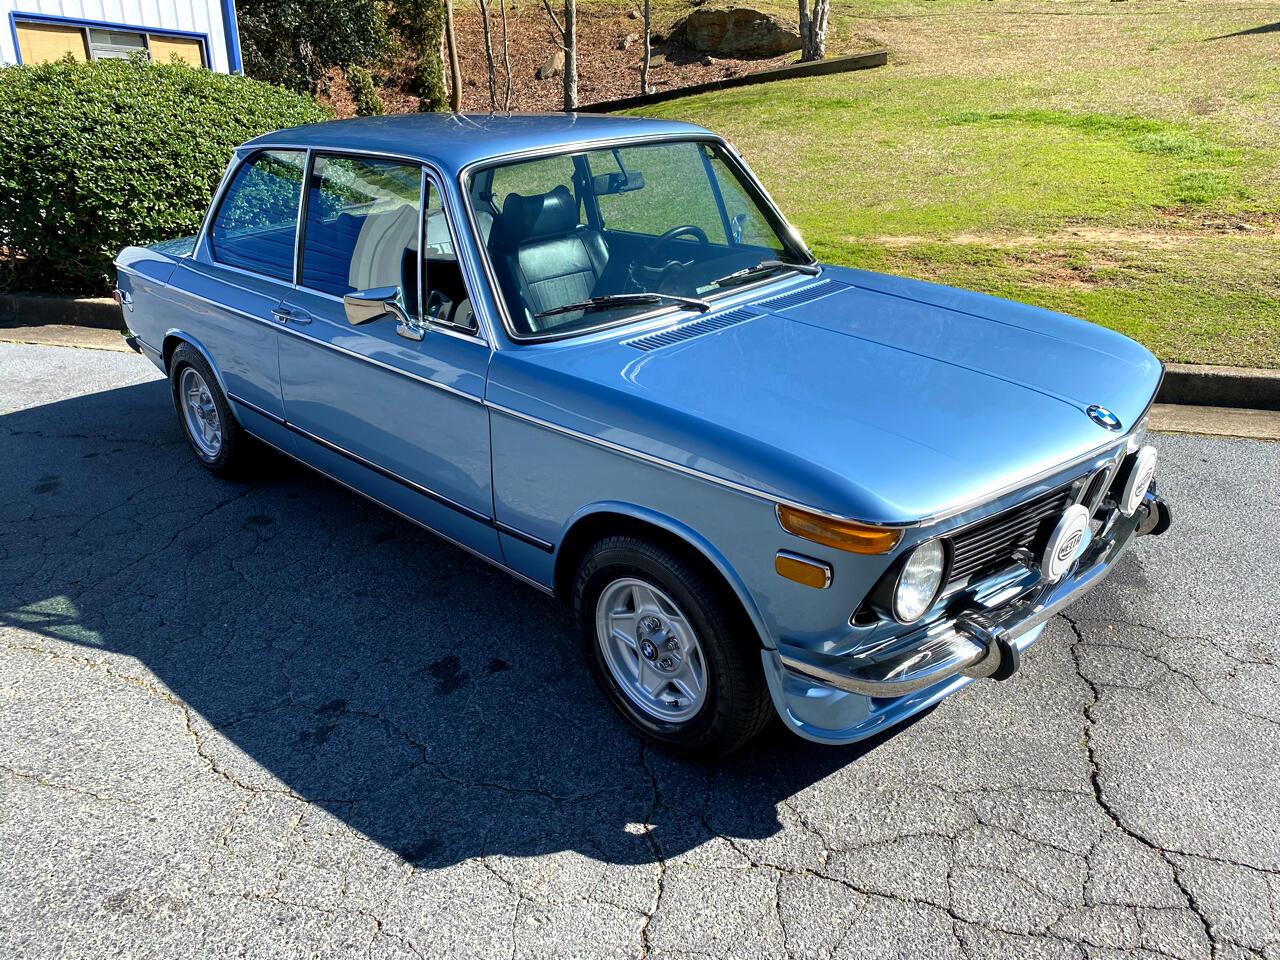 BMW 2002 Tii  1974